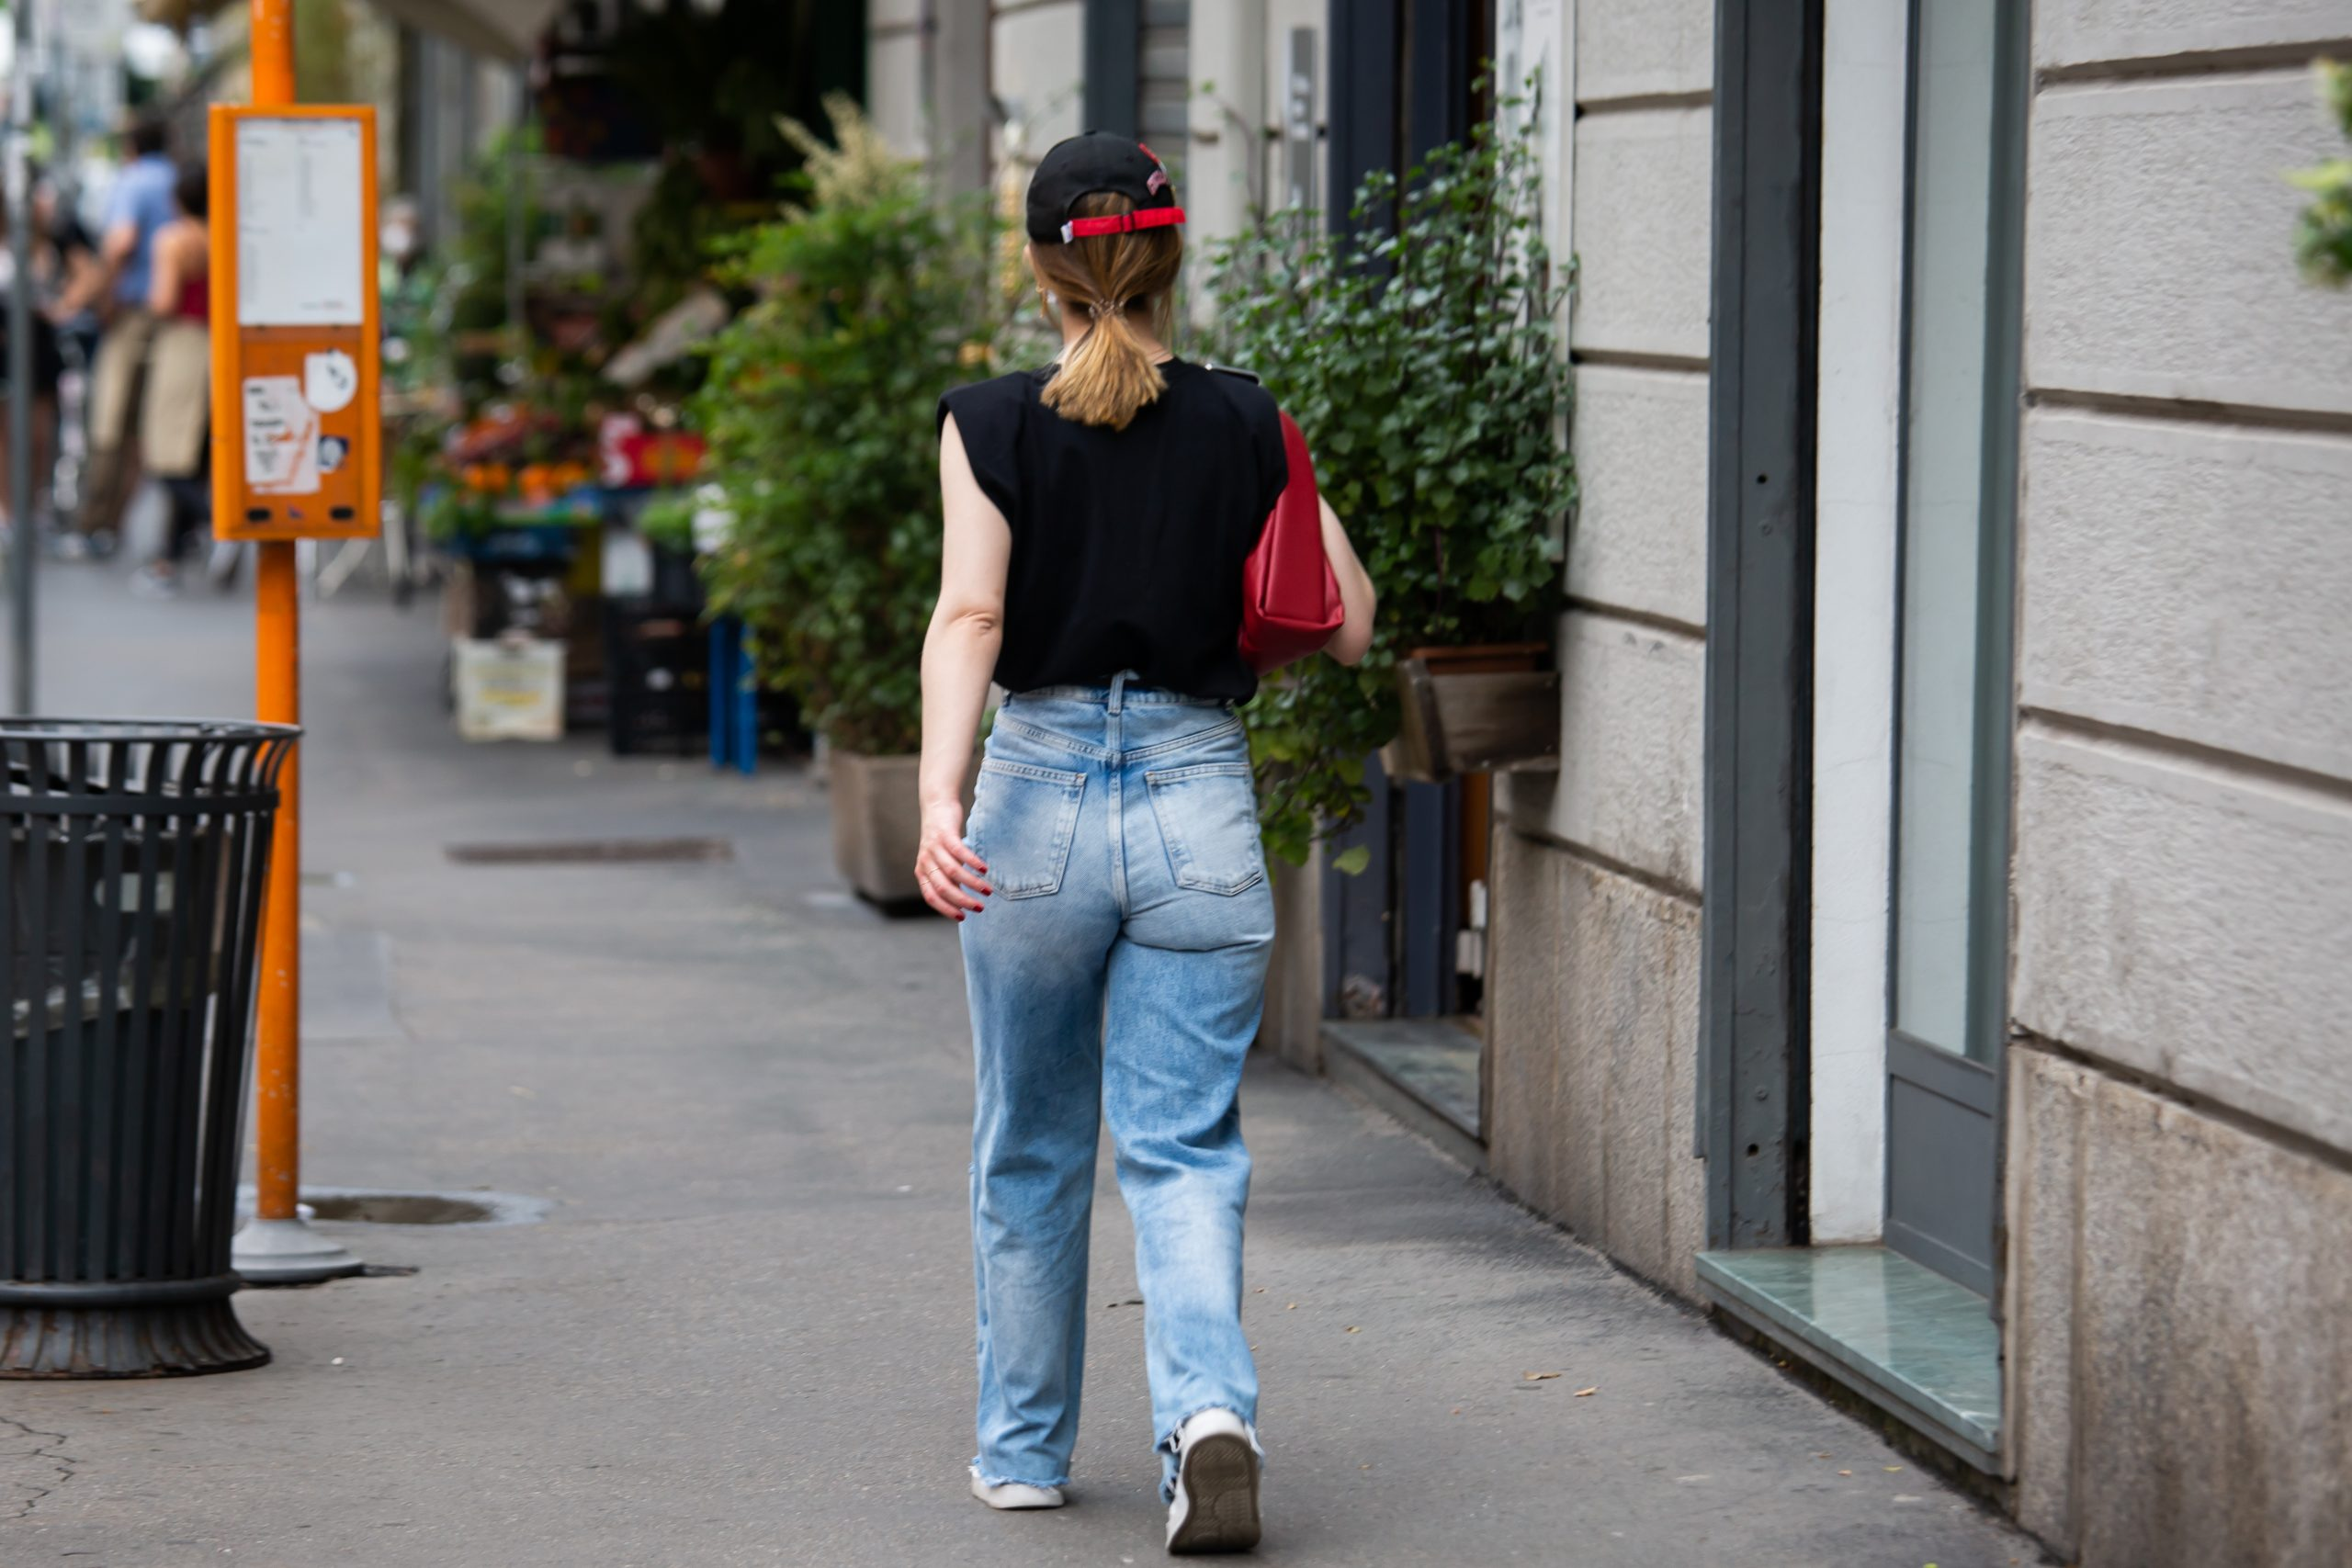 Milan April Spring 2021 Street Style by Thomas Razzano Photos